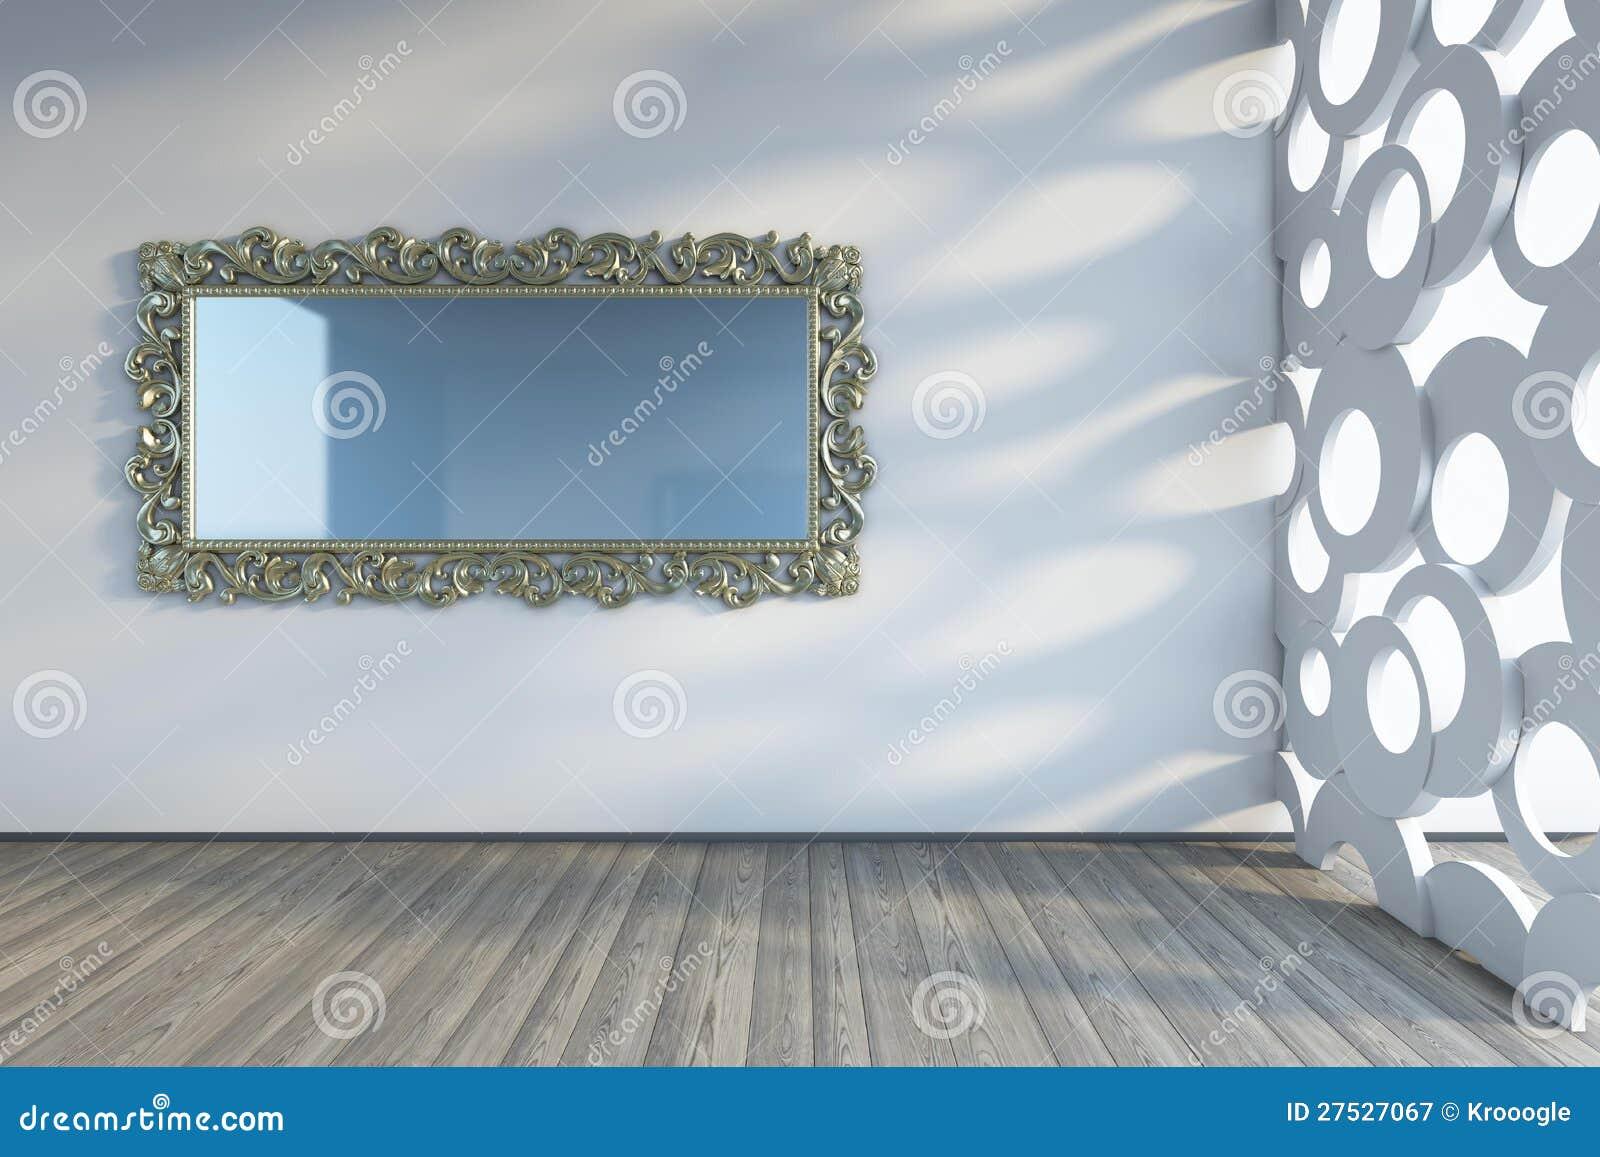 Spiegel Auf Der Wand Stock Abbildung Illustration Von Auslegung